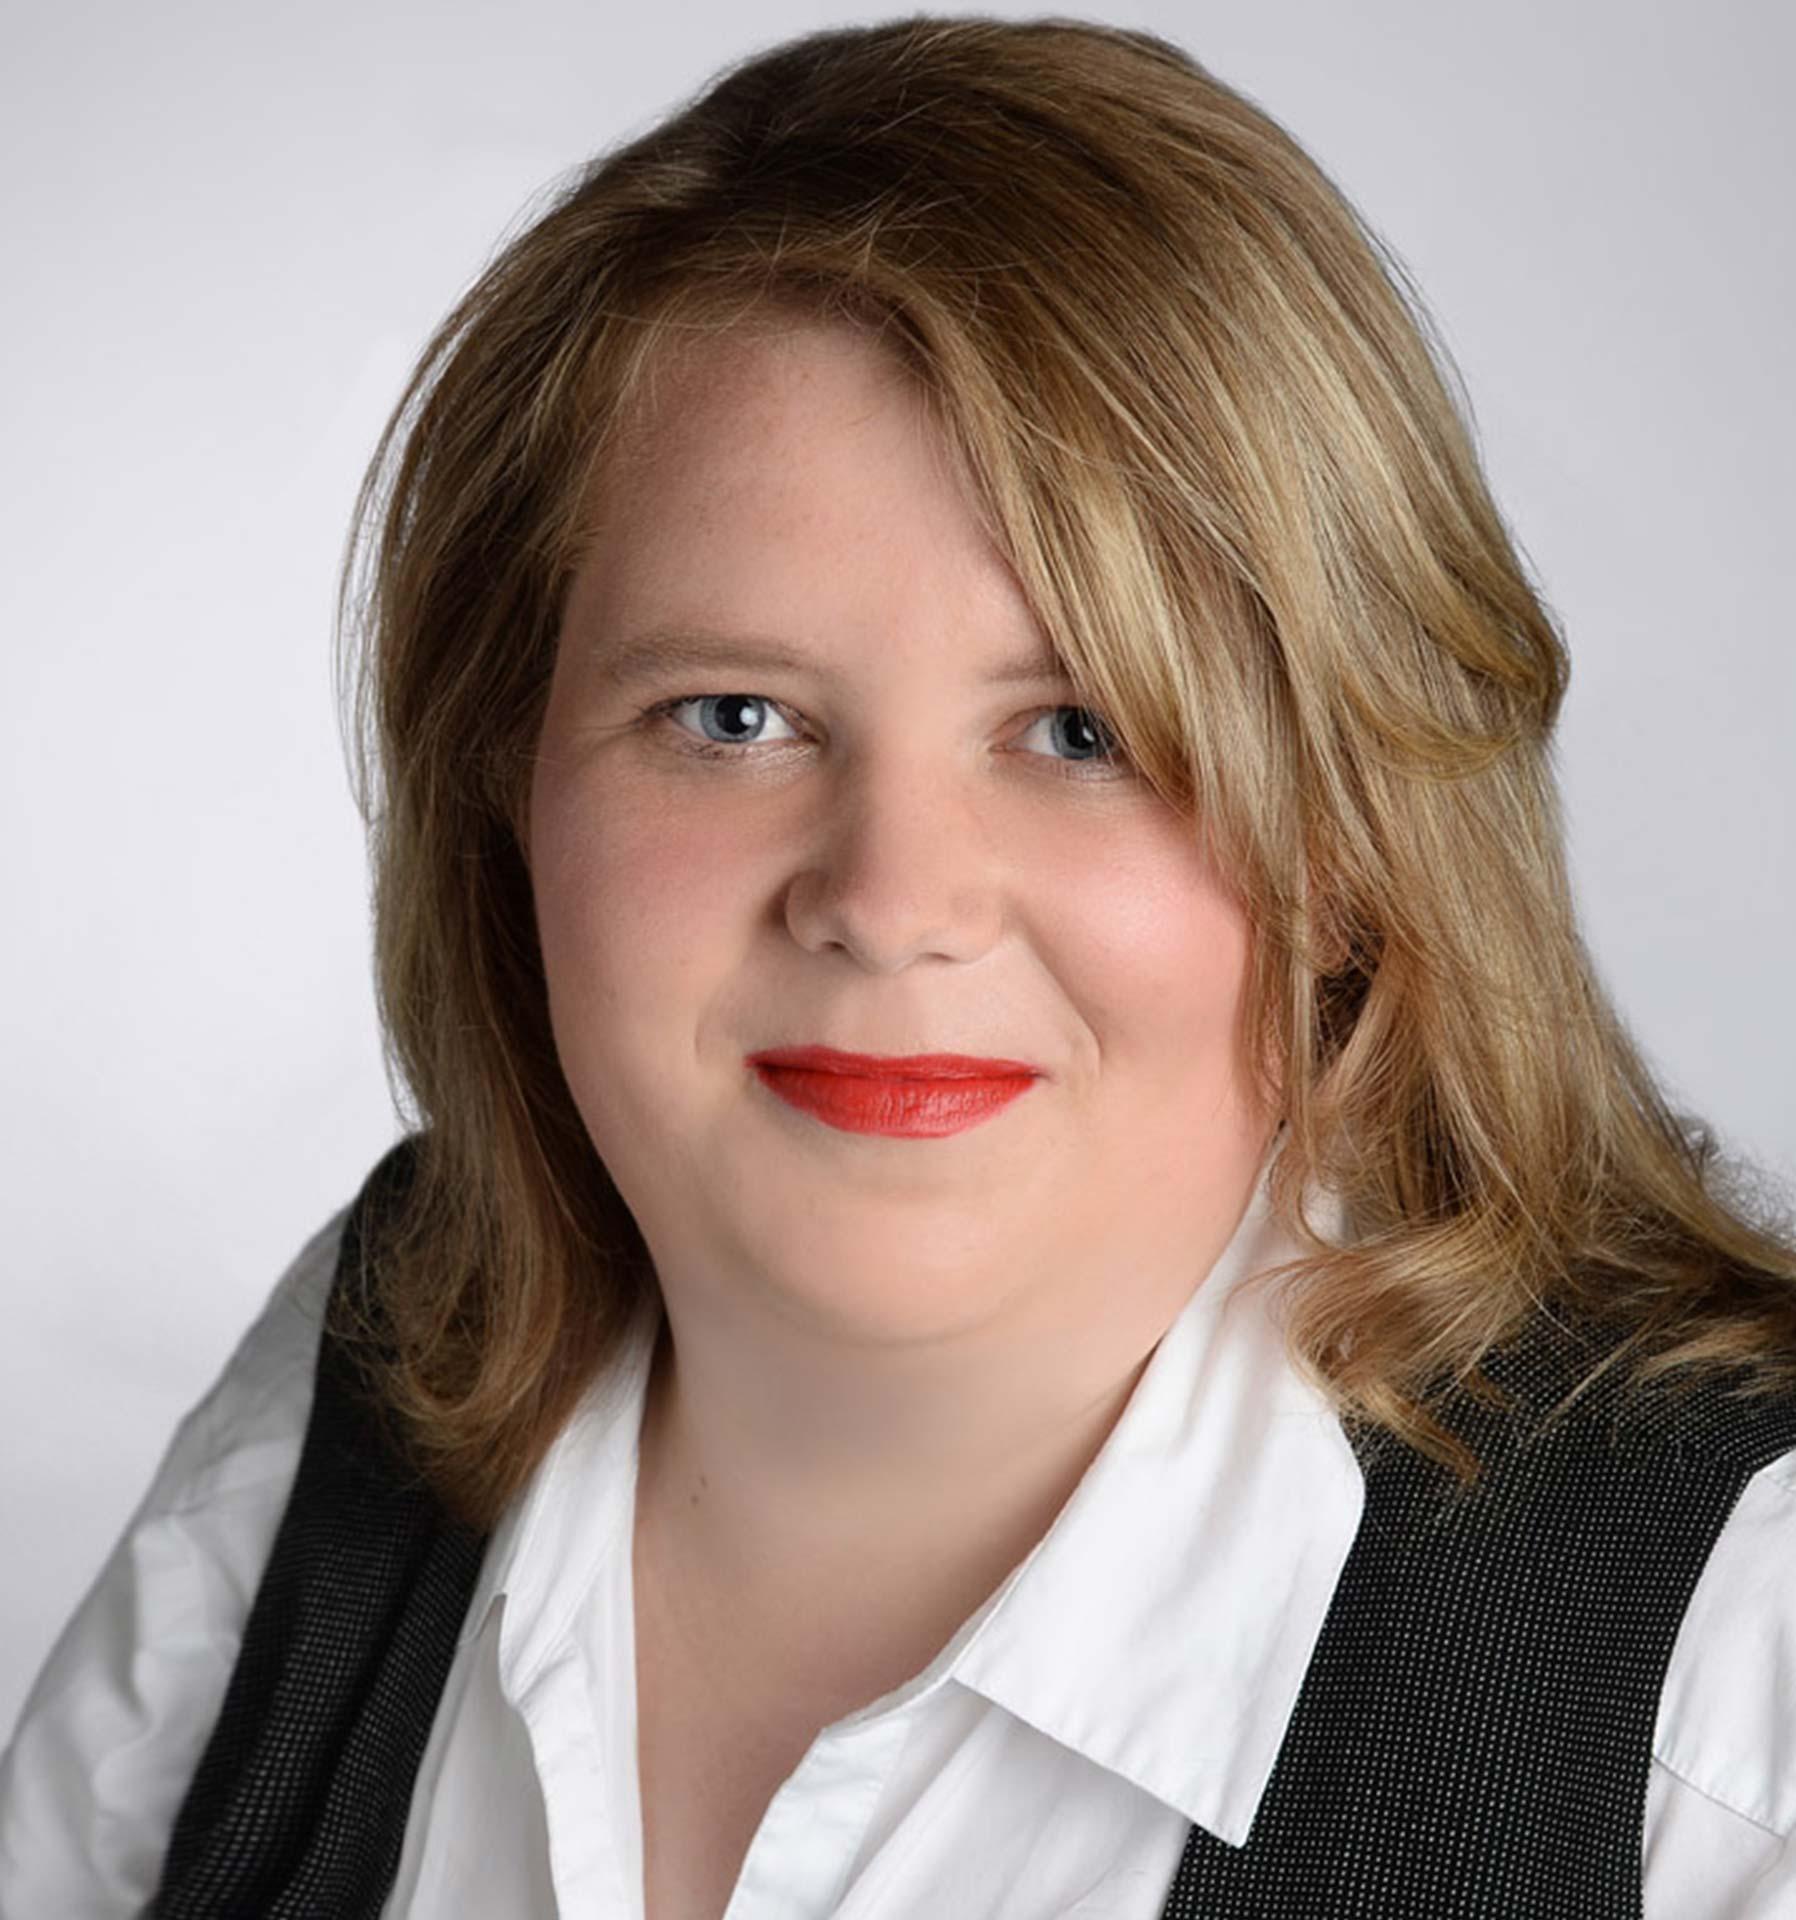 Larissa Steinberger